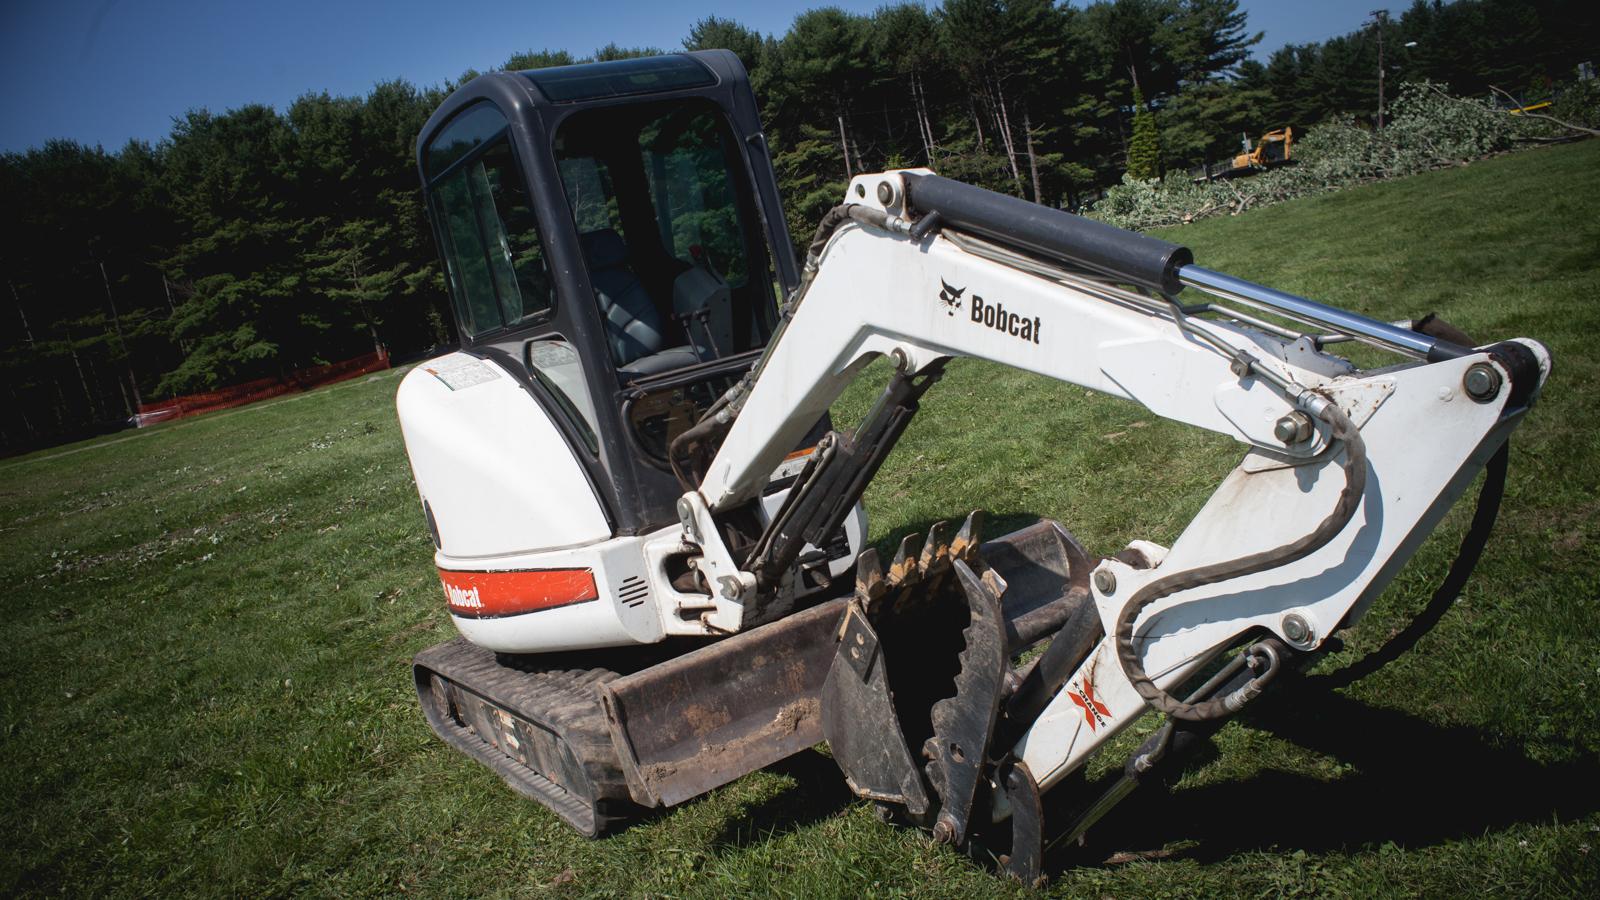 Bobcat 425 Mini Excavator.